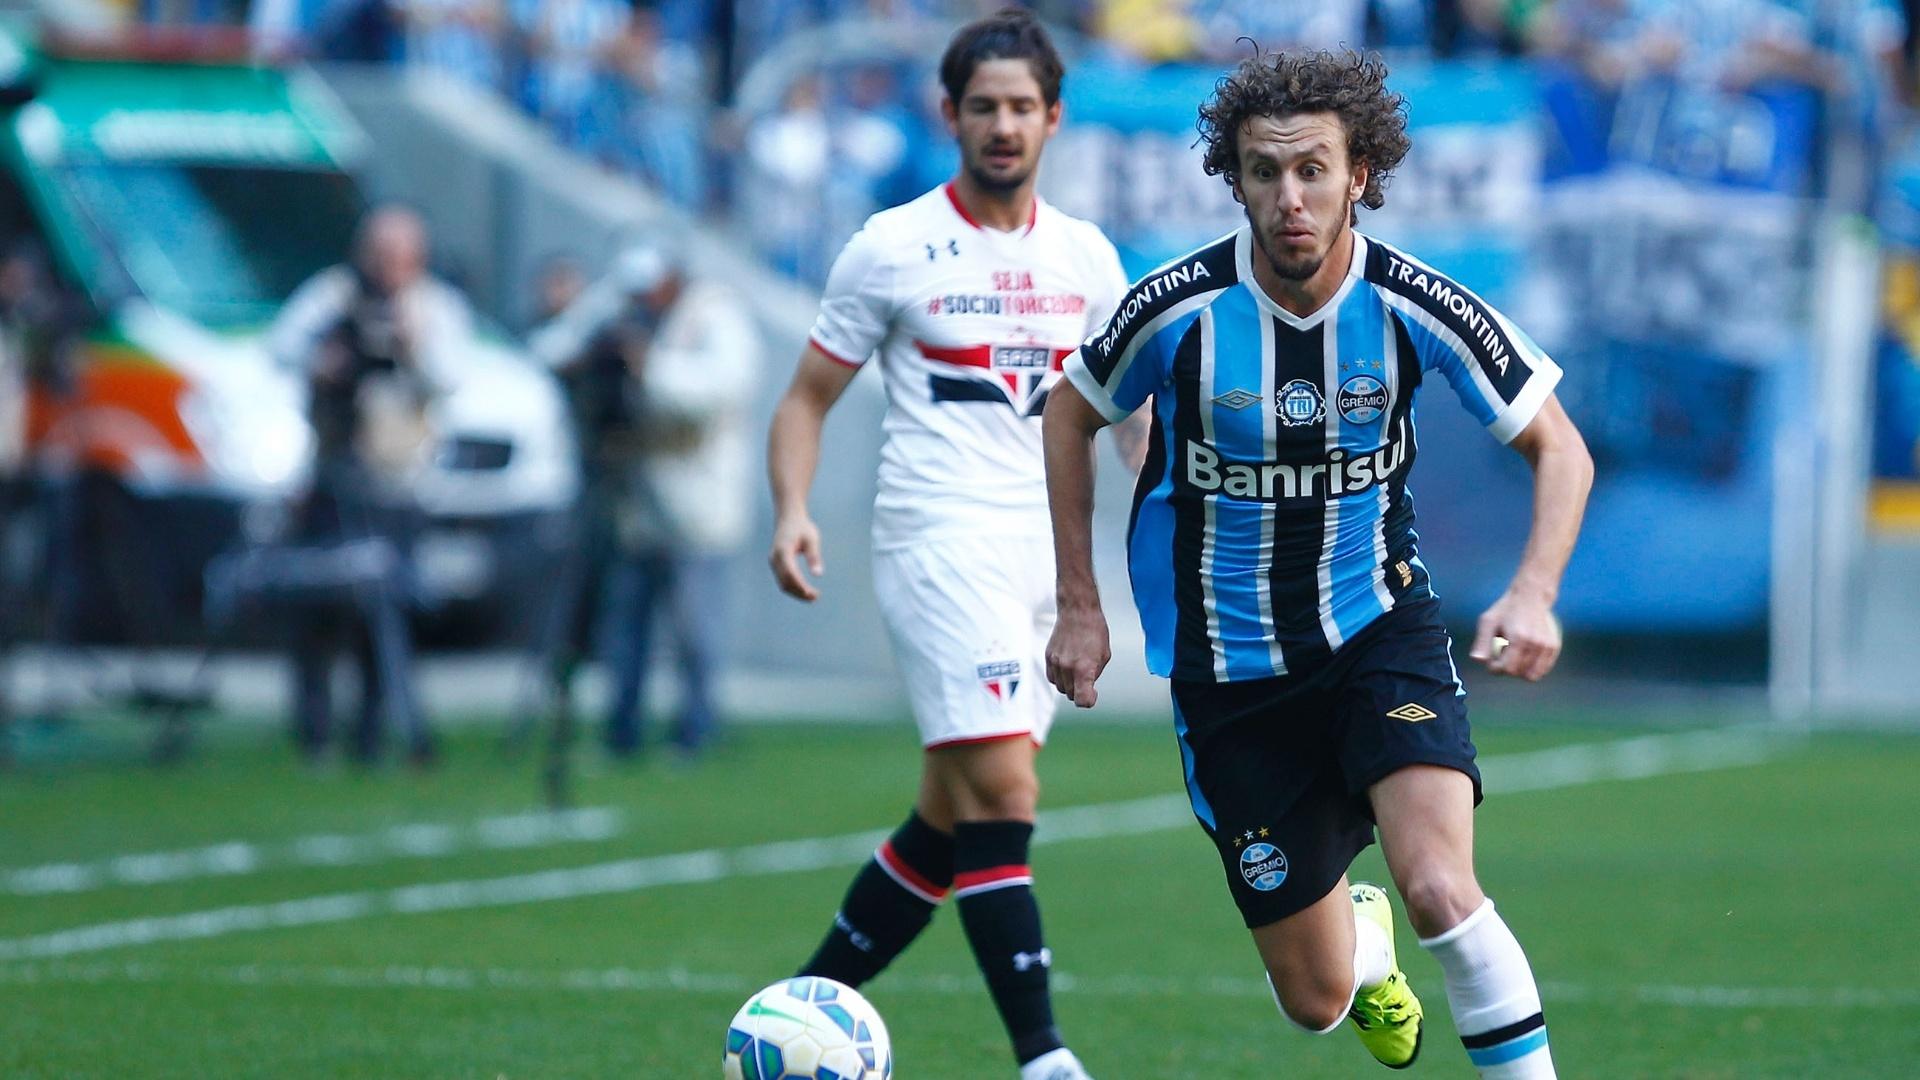 Rafael Galhardo dispara em velocidade pela direita